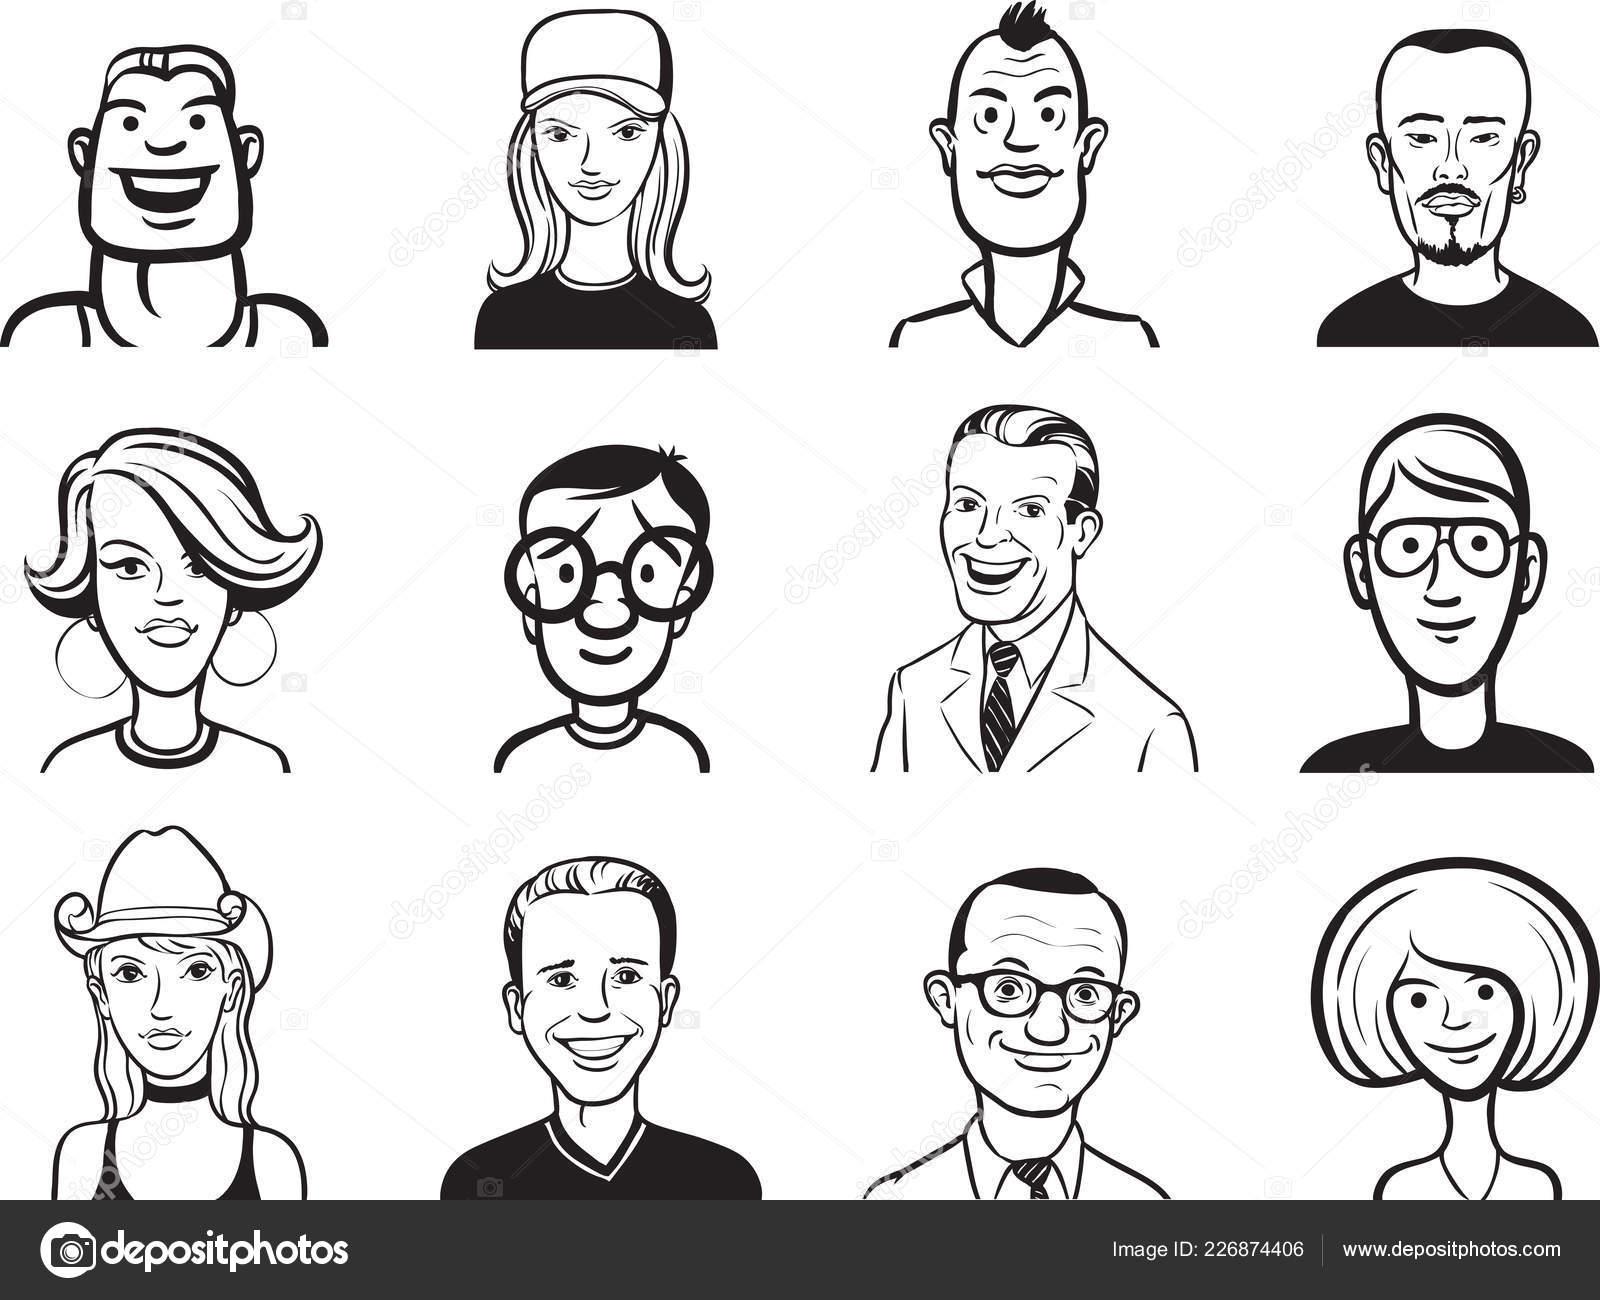 Pizarra dibujo colección caras dibujos animados personas vector de stock